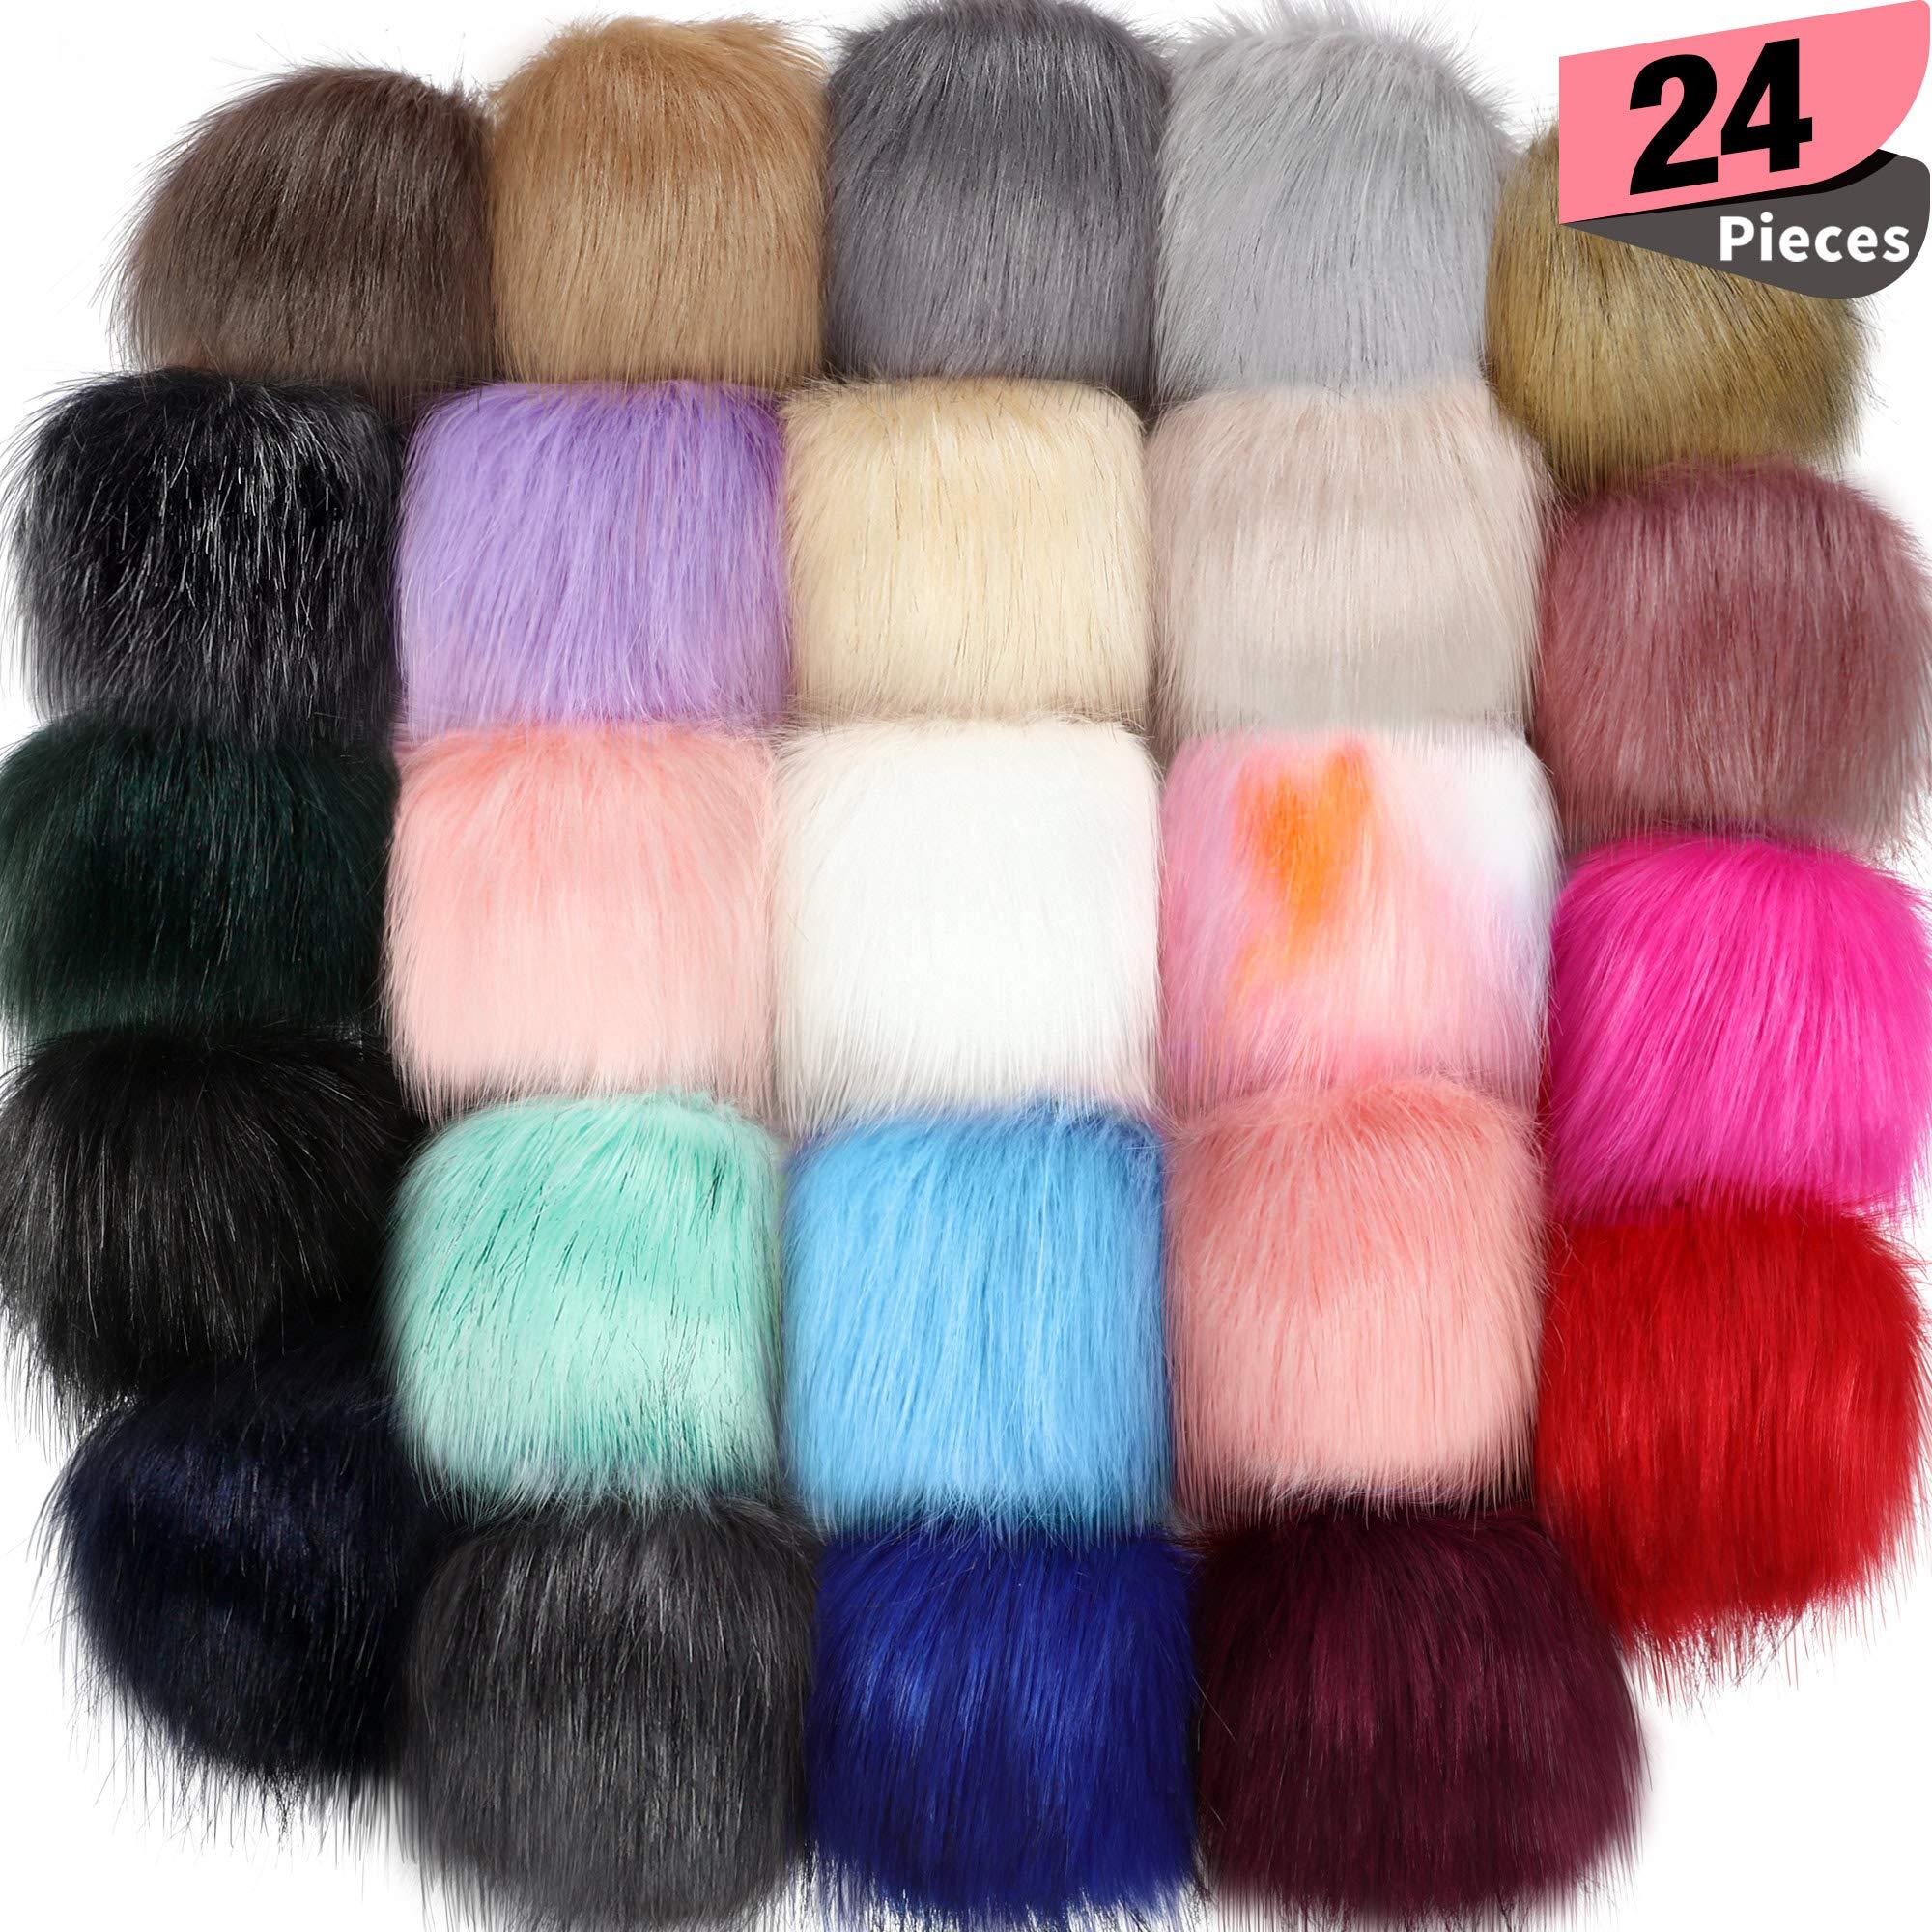 14 Pieces Hat Faux Fur Pom Pom Ball DIY Faux Fox Fur Pompom for Hats Shoes Sc...